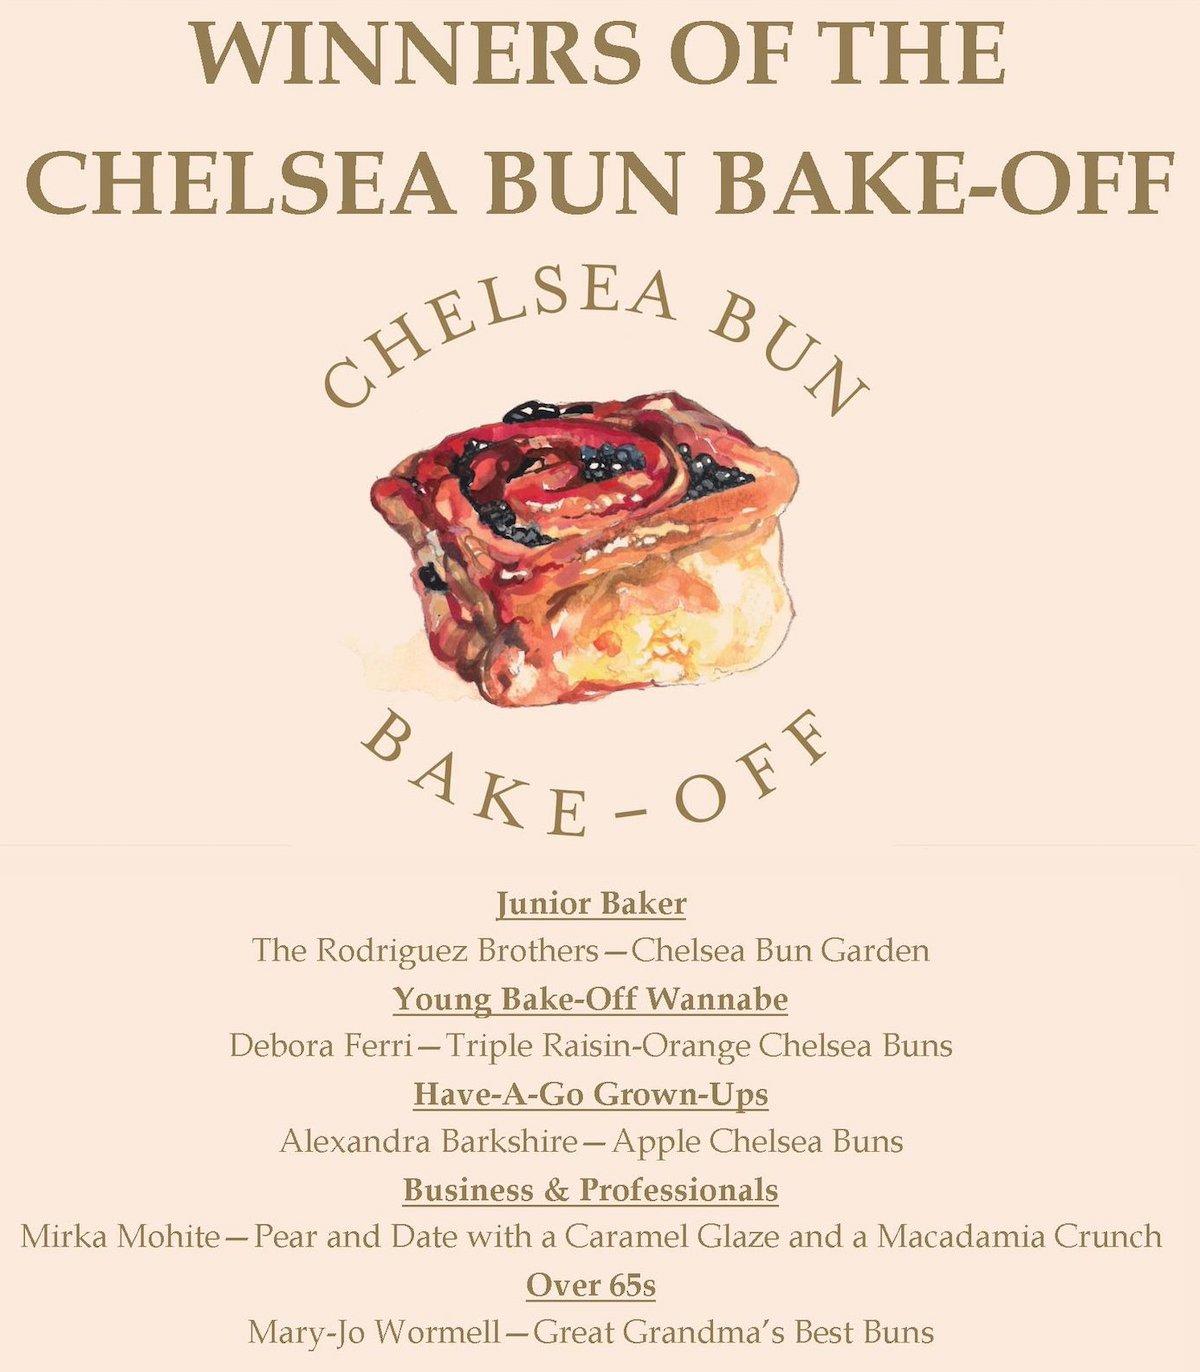 Chelsea Bun Bake-Off Winners